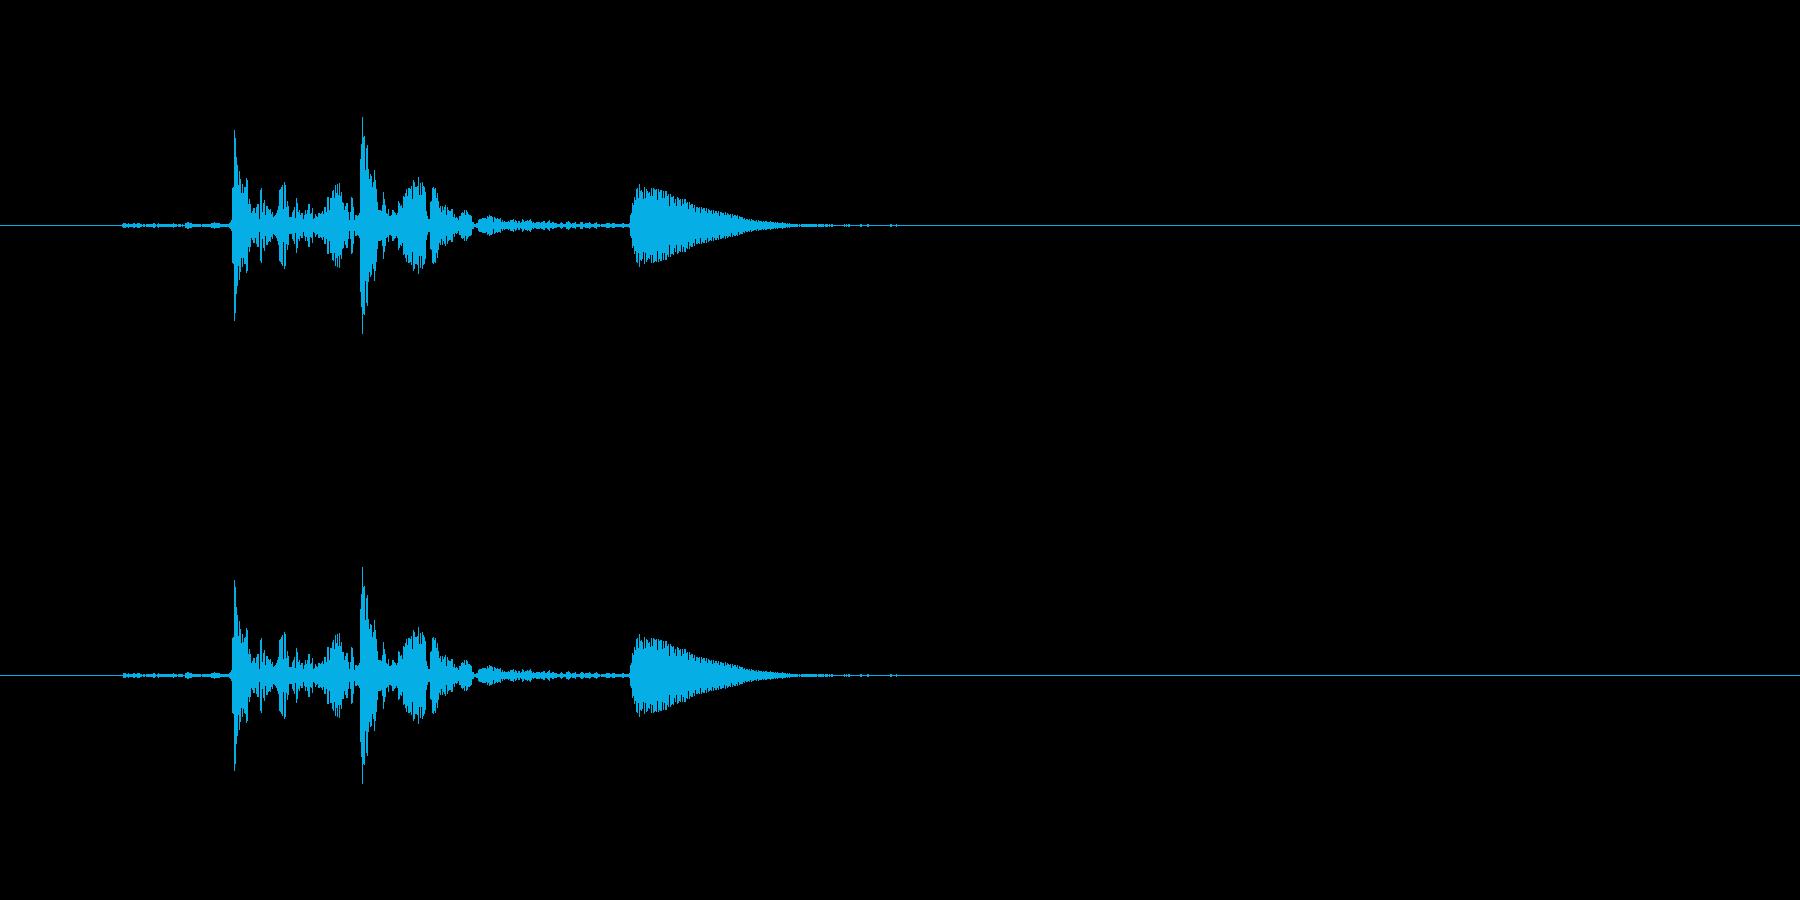 【生音】「ぼわん」という水中からの泡の音の再生済みの波形